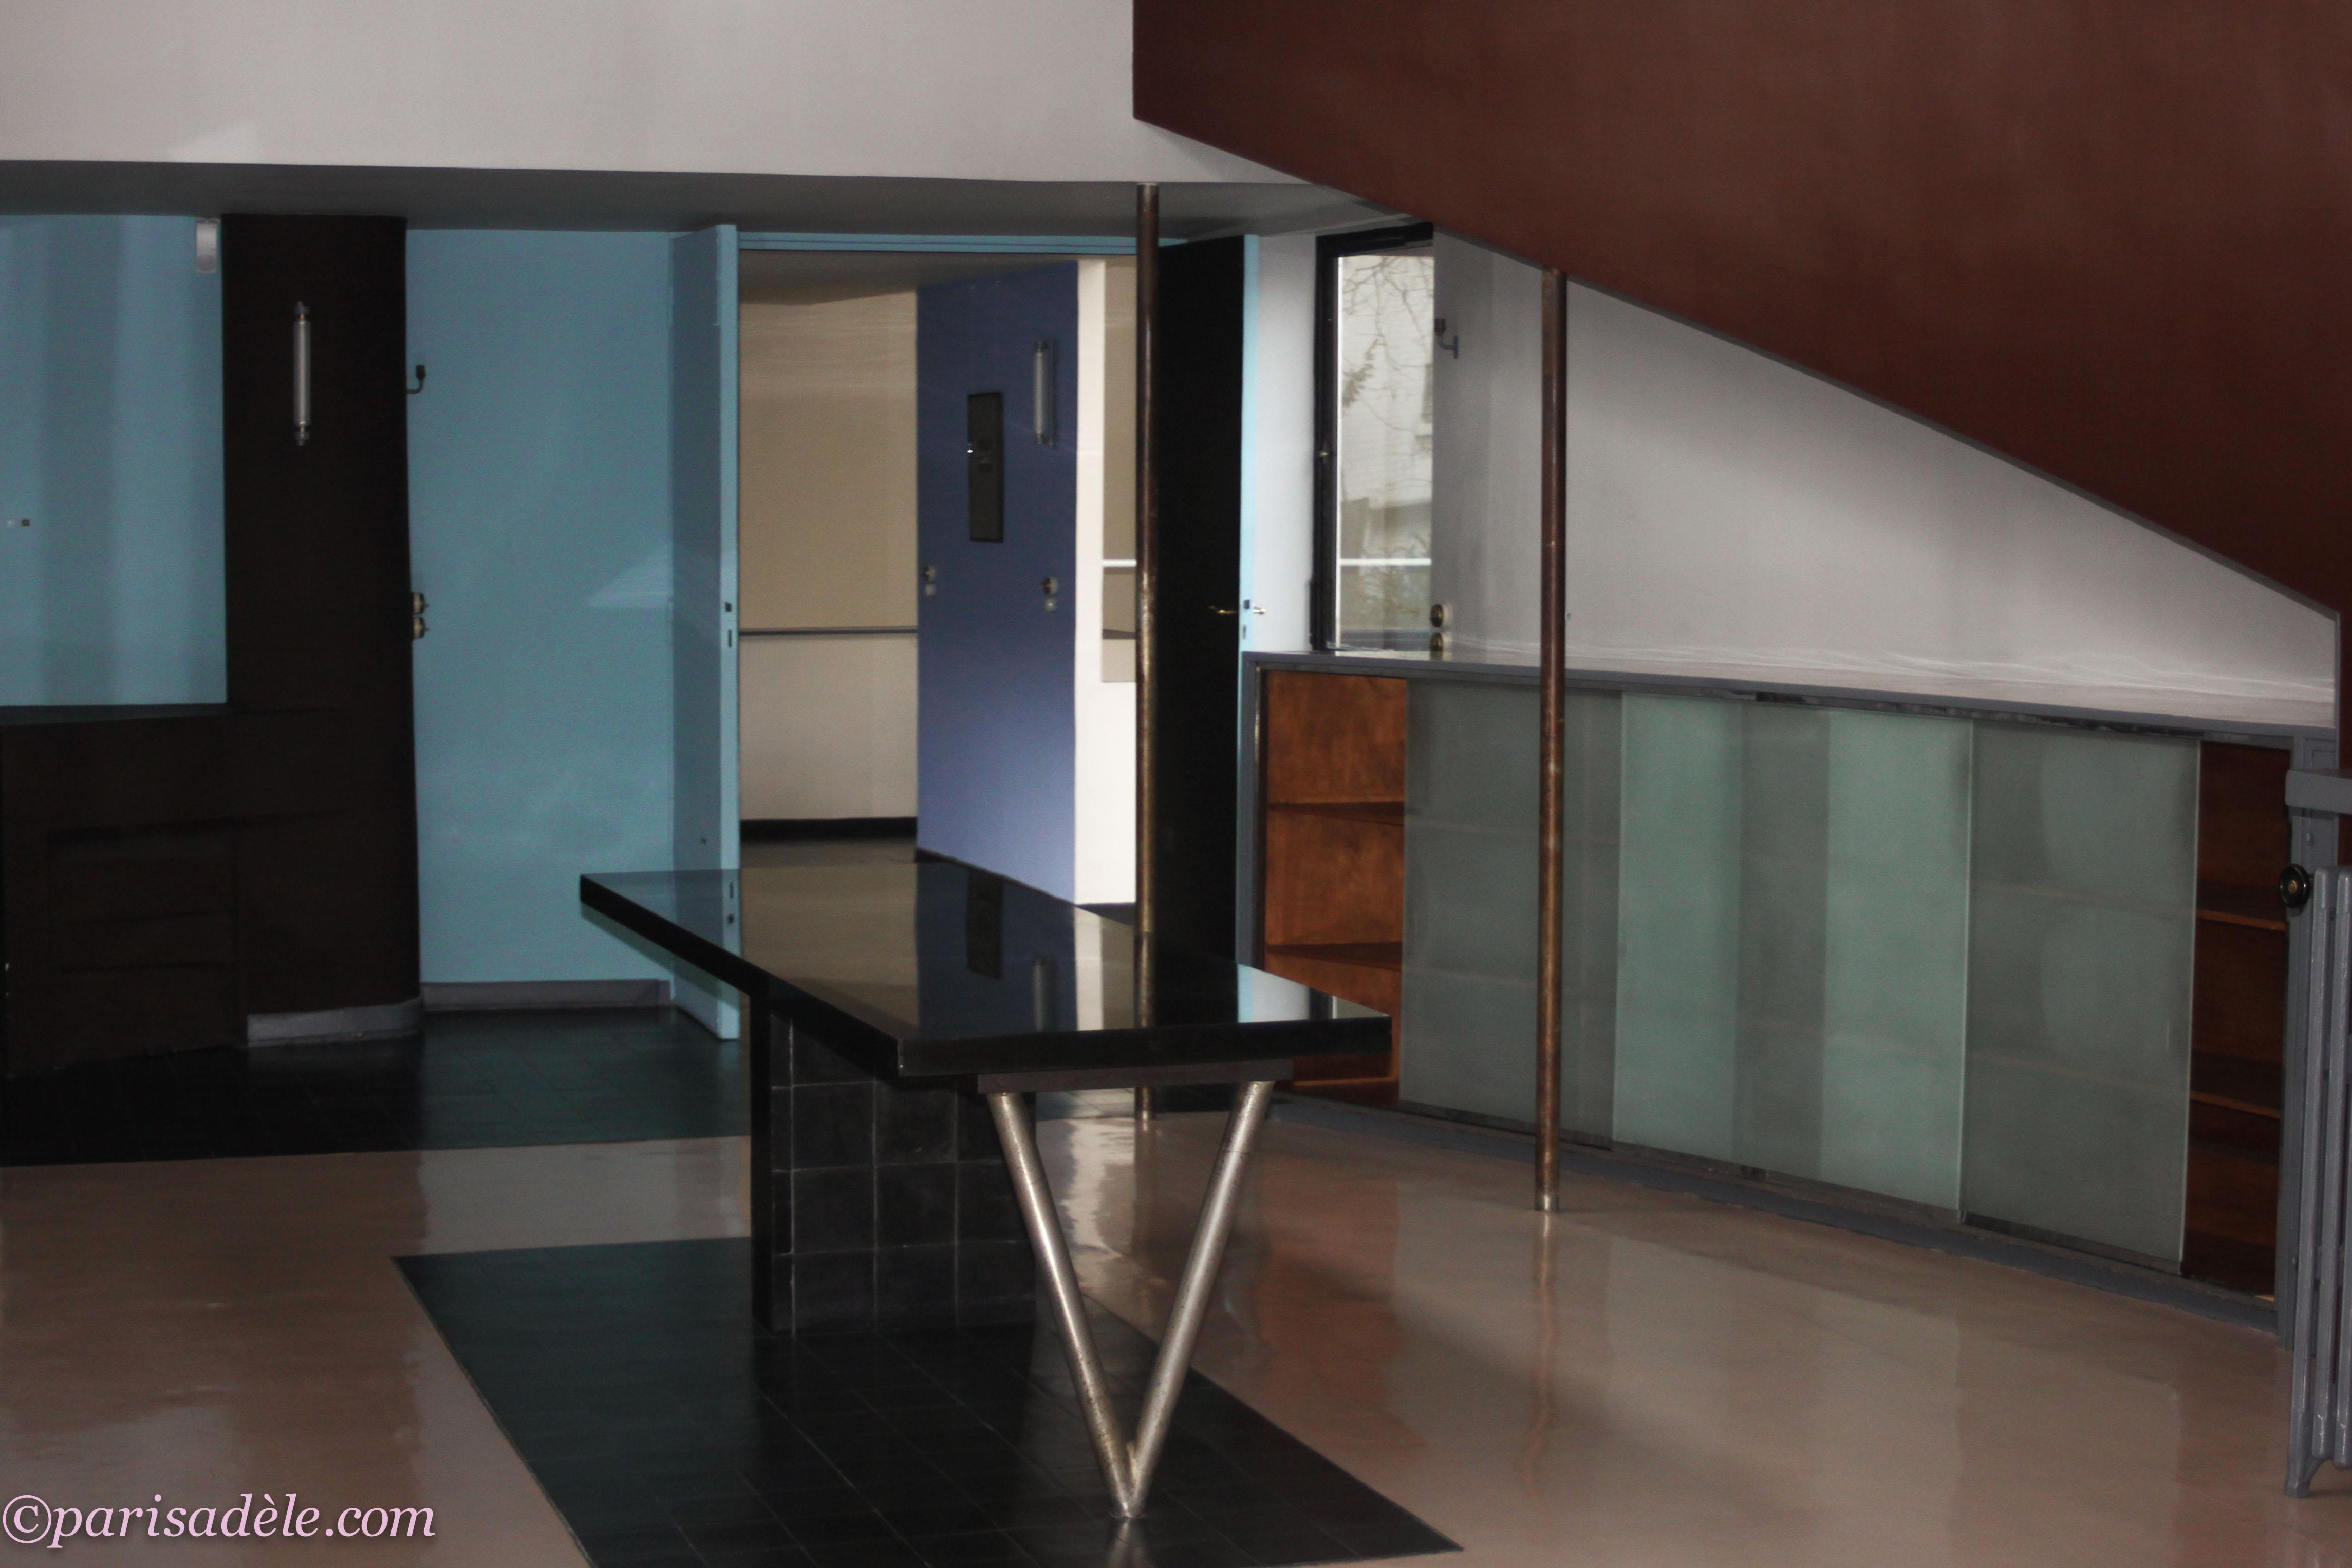 maison la roche foundation le corbusier paris ad le. Black Bedroom Furniture Sets. Home Design Ideas